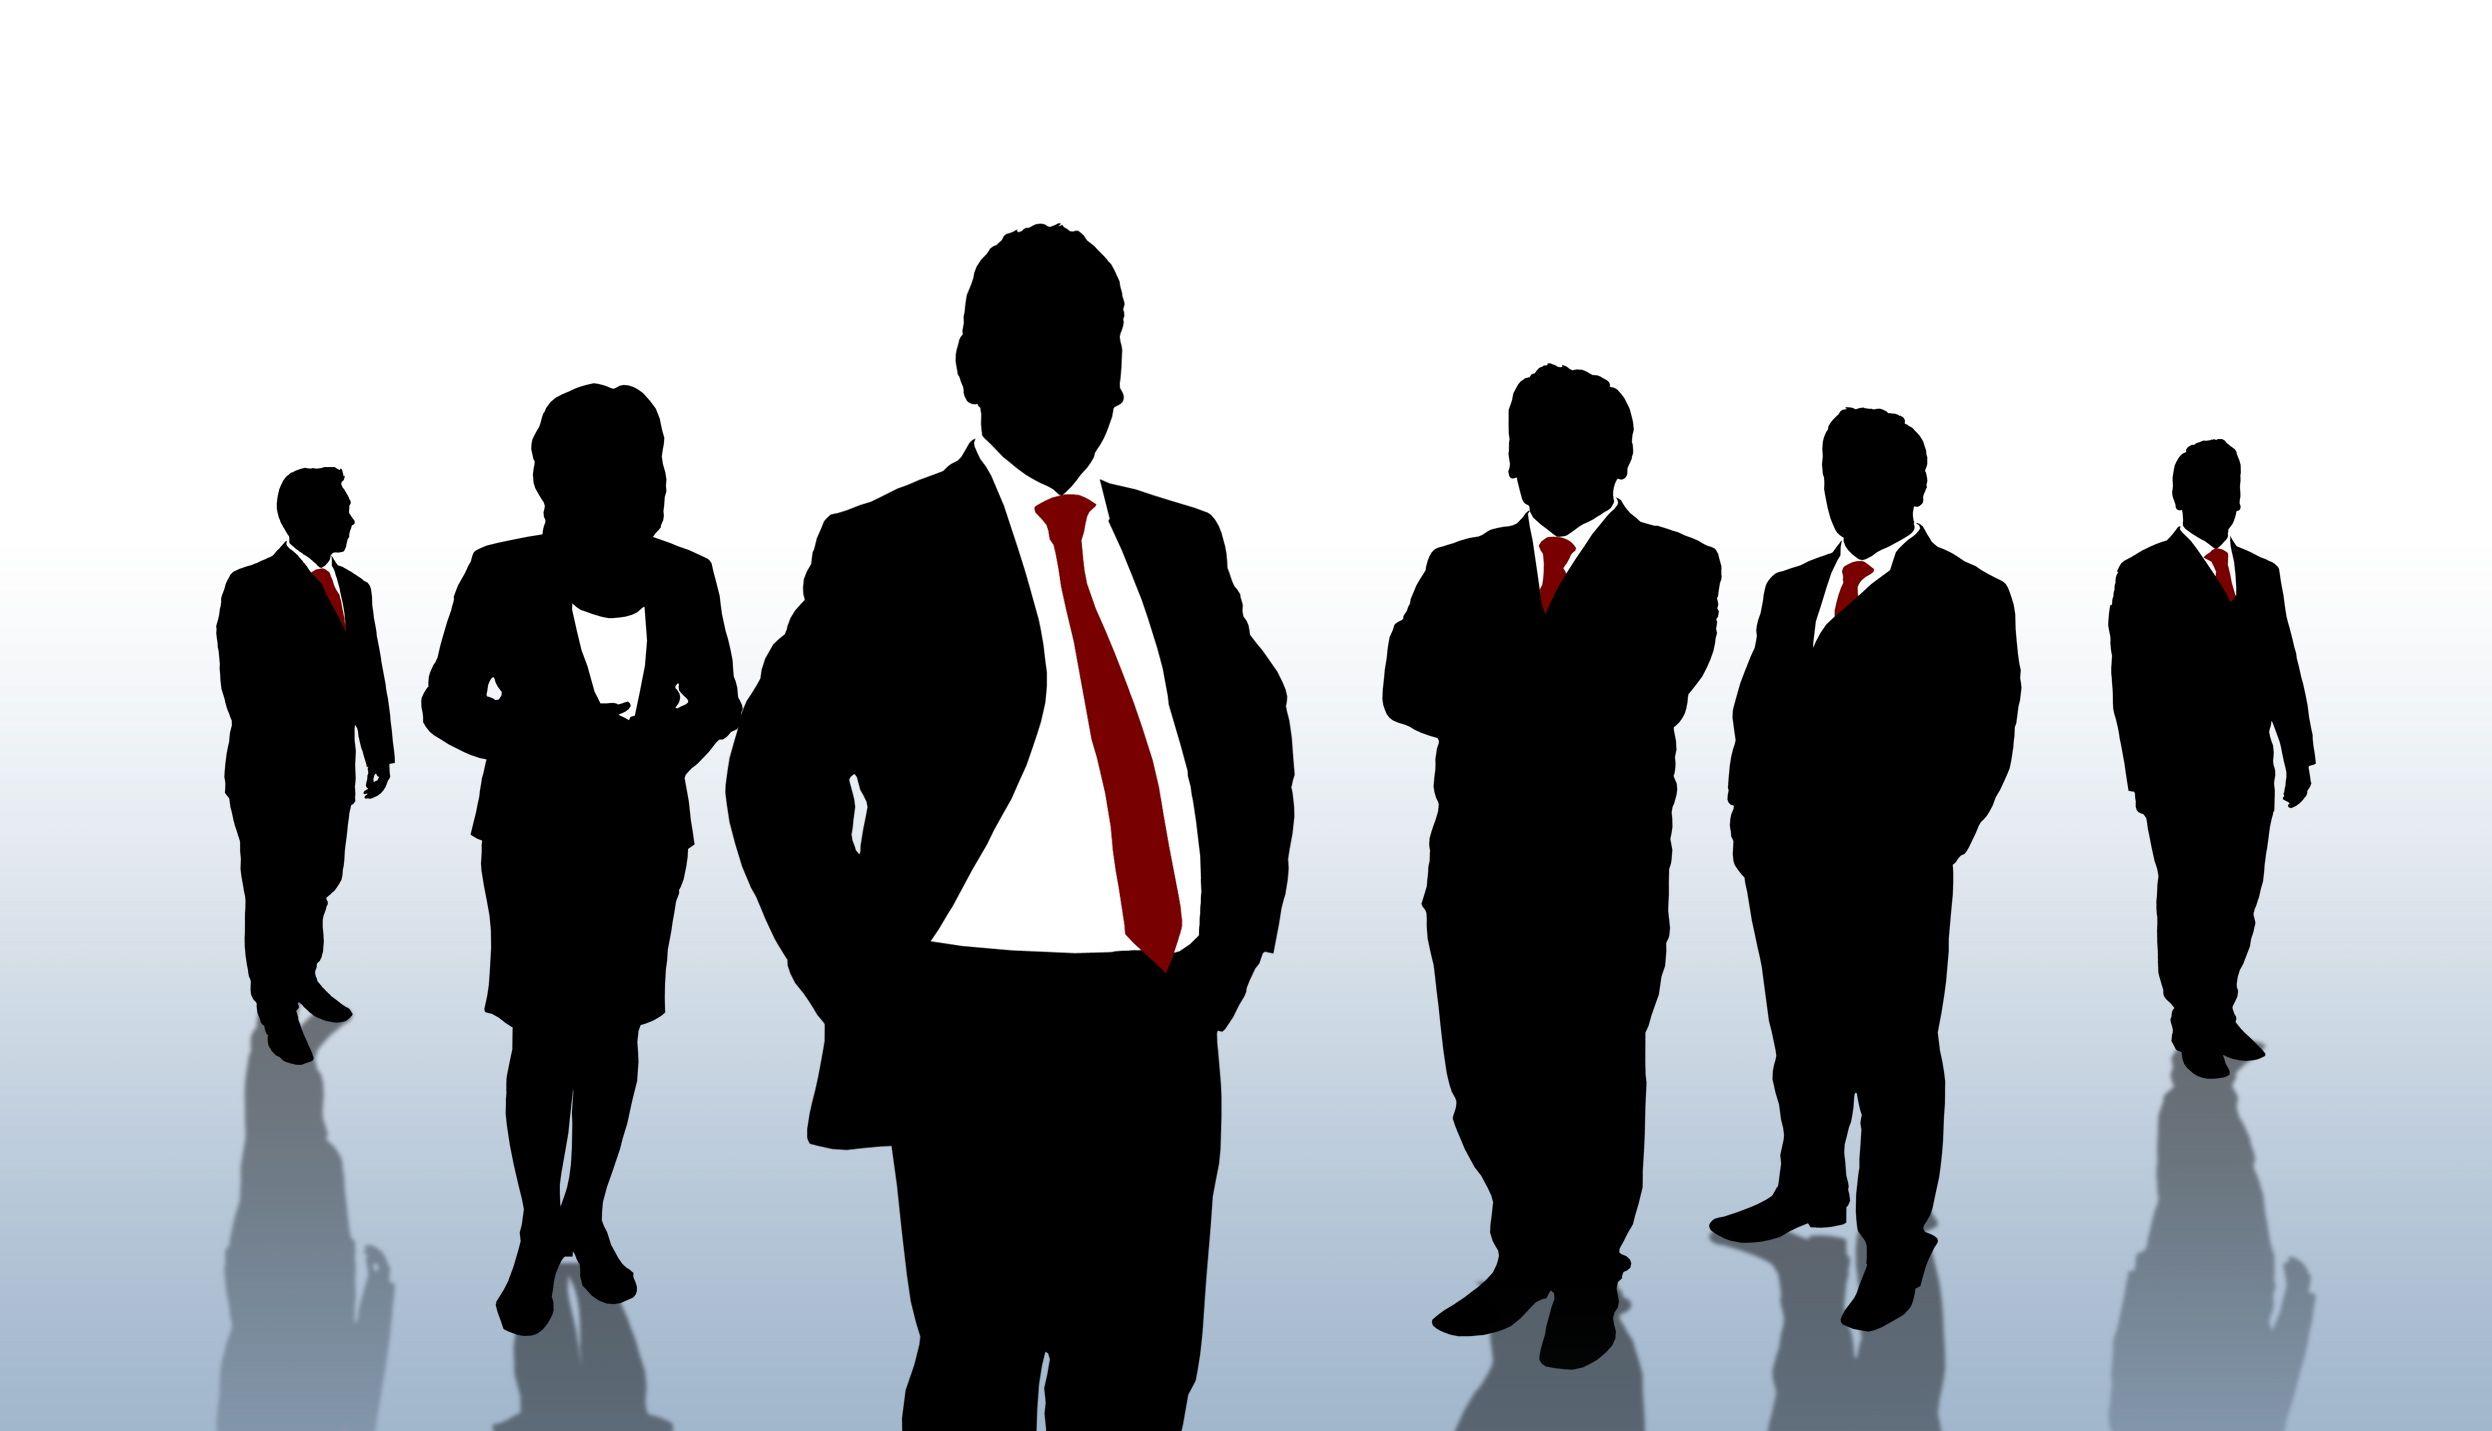 создать команду лидеров